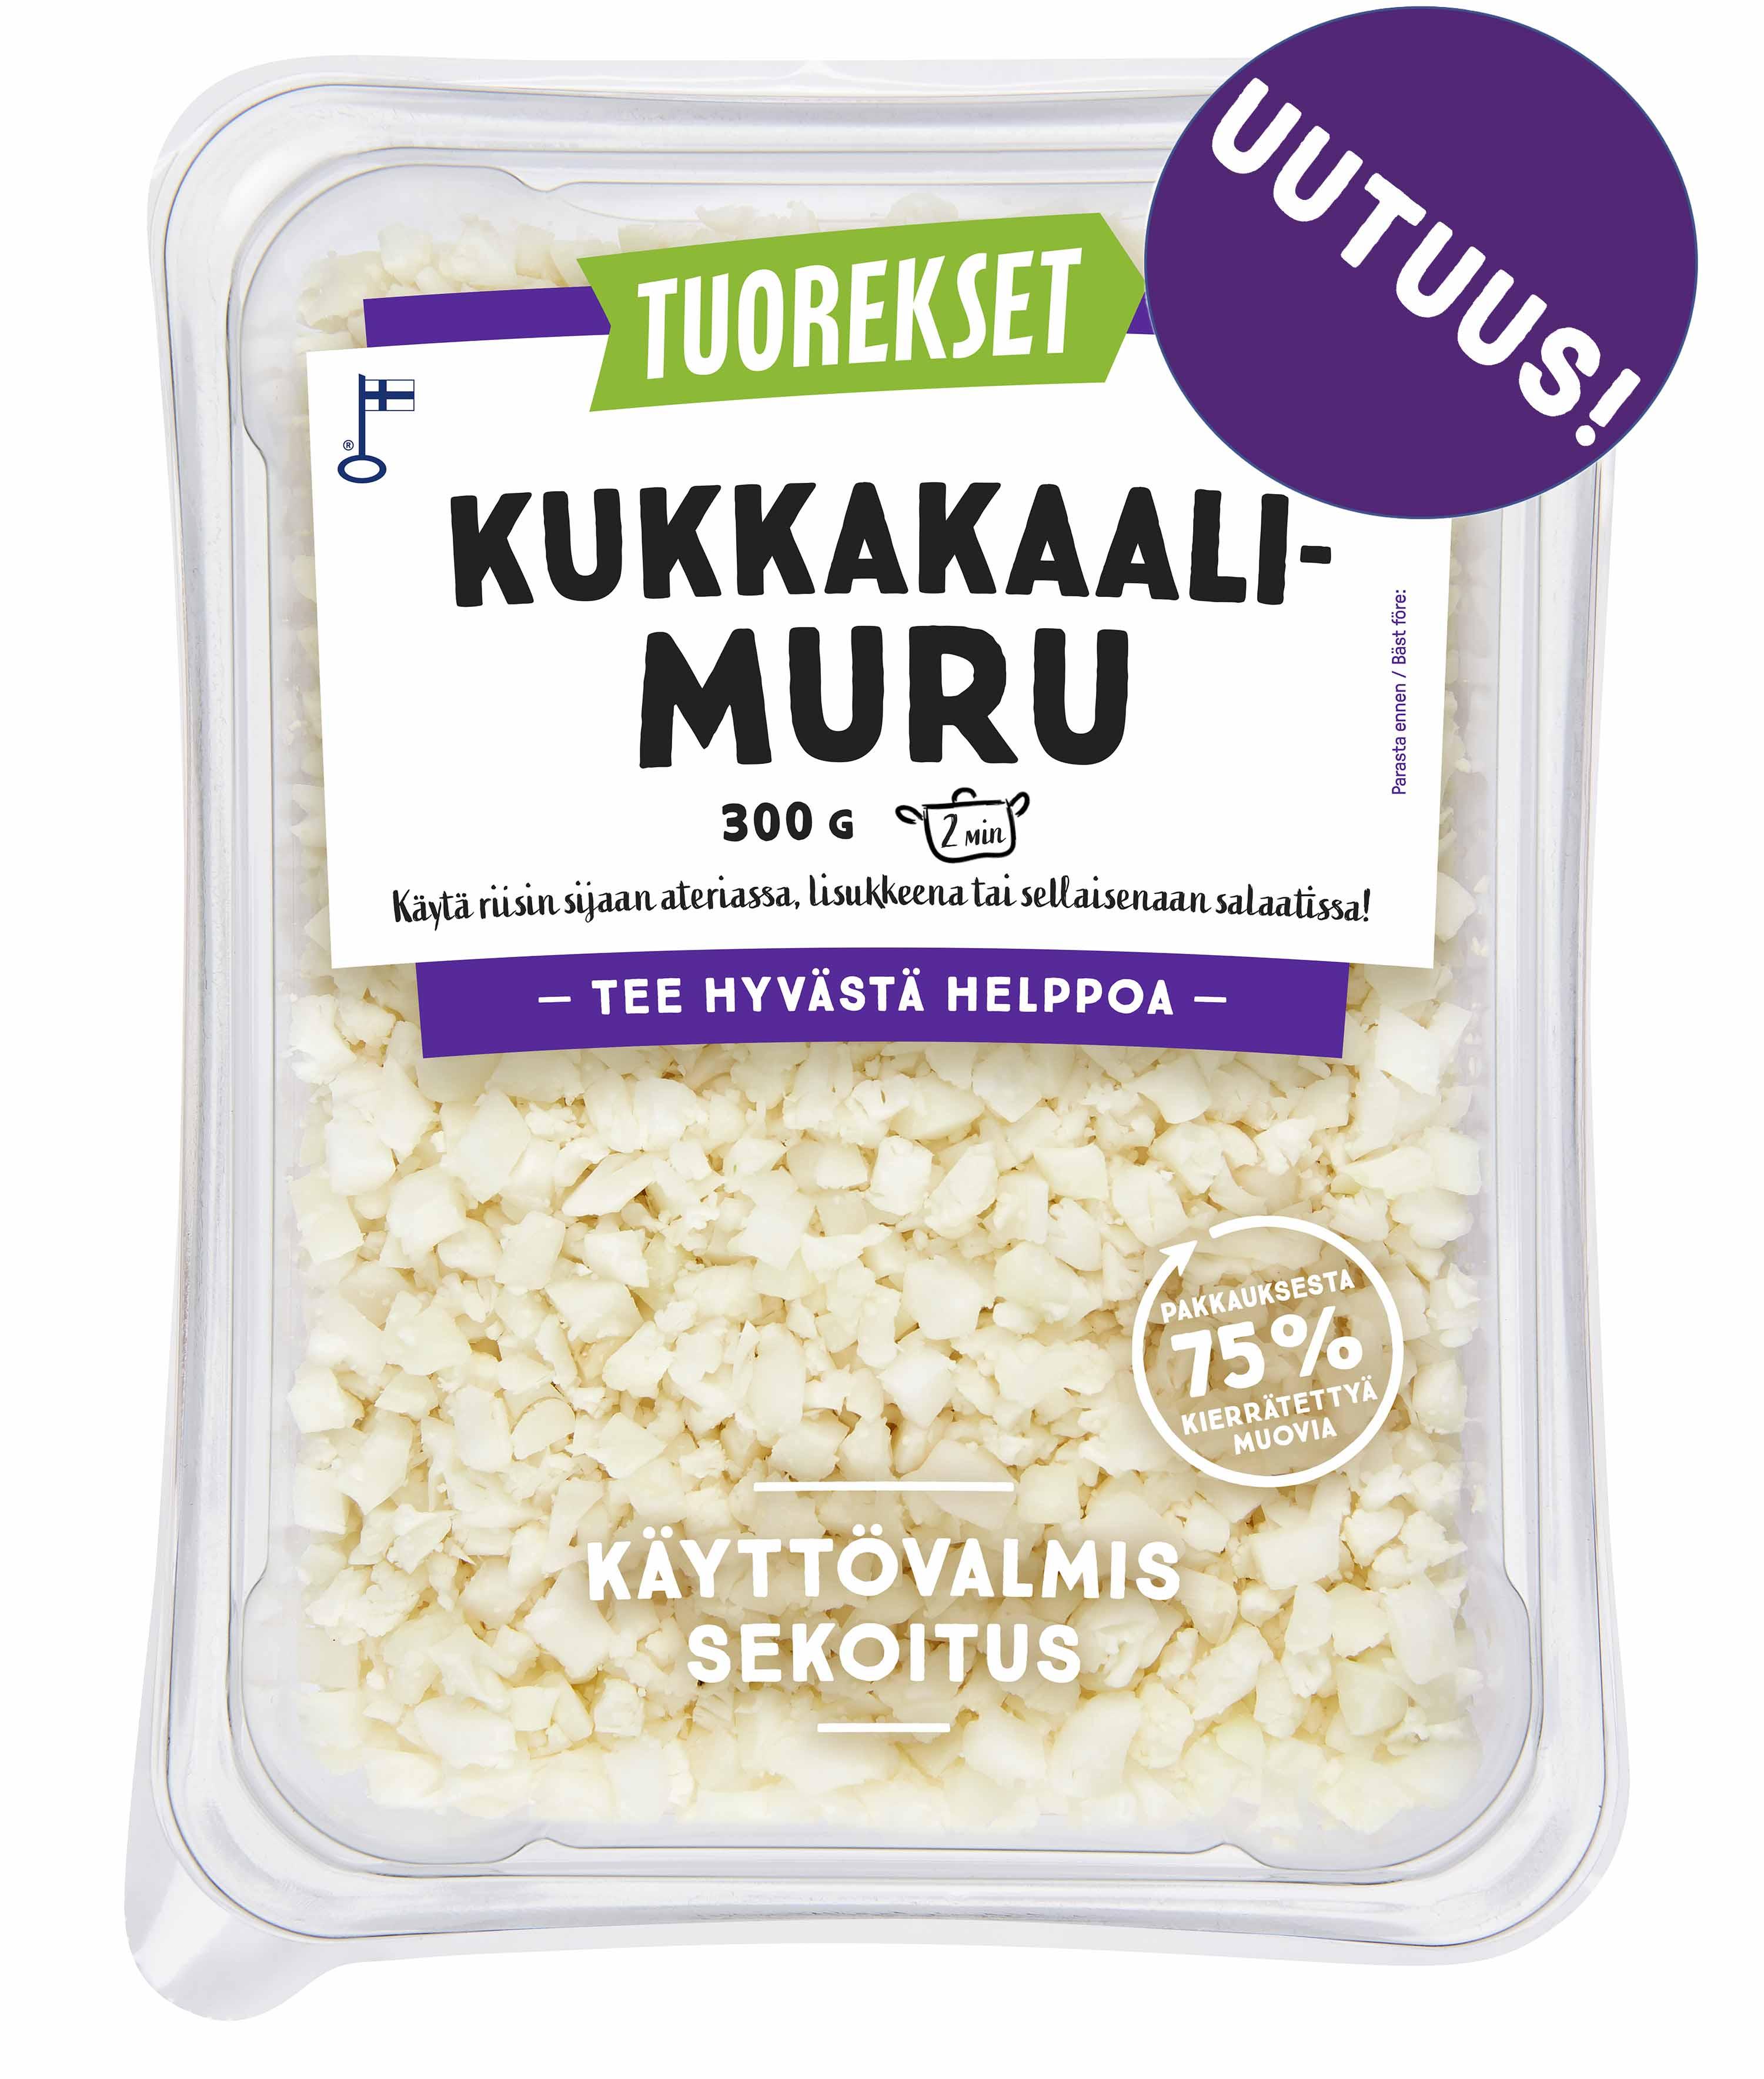 Tuorekset Kukkakaalimuru